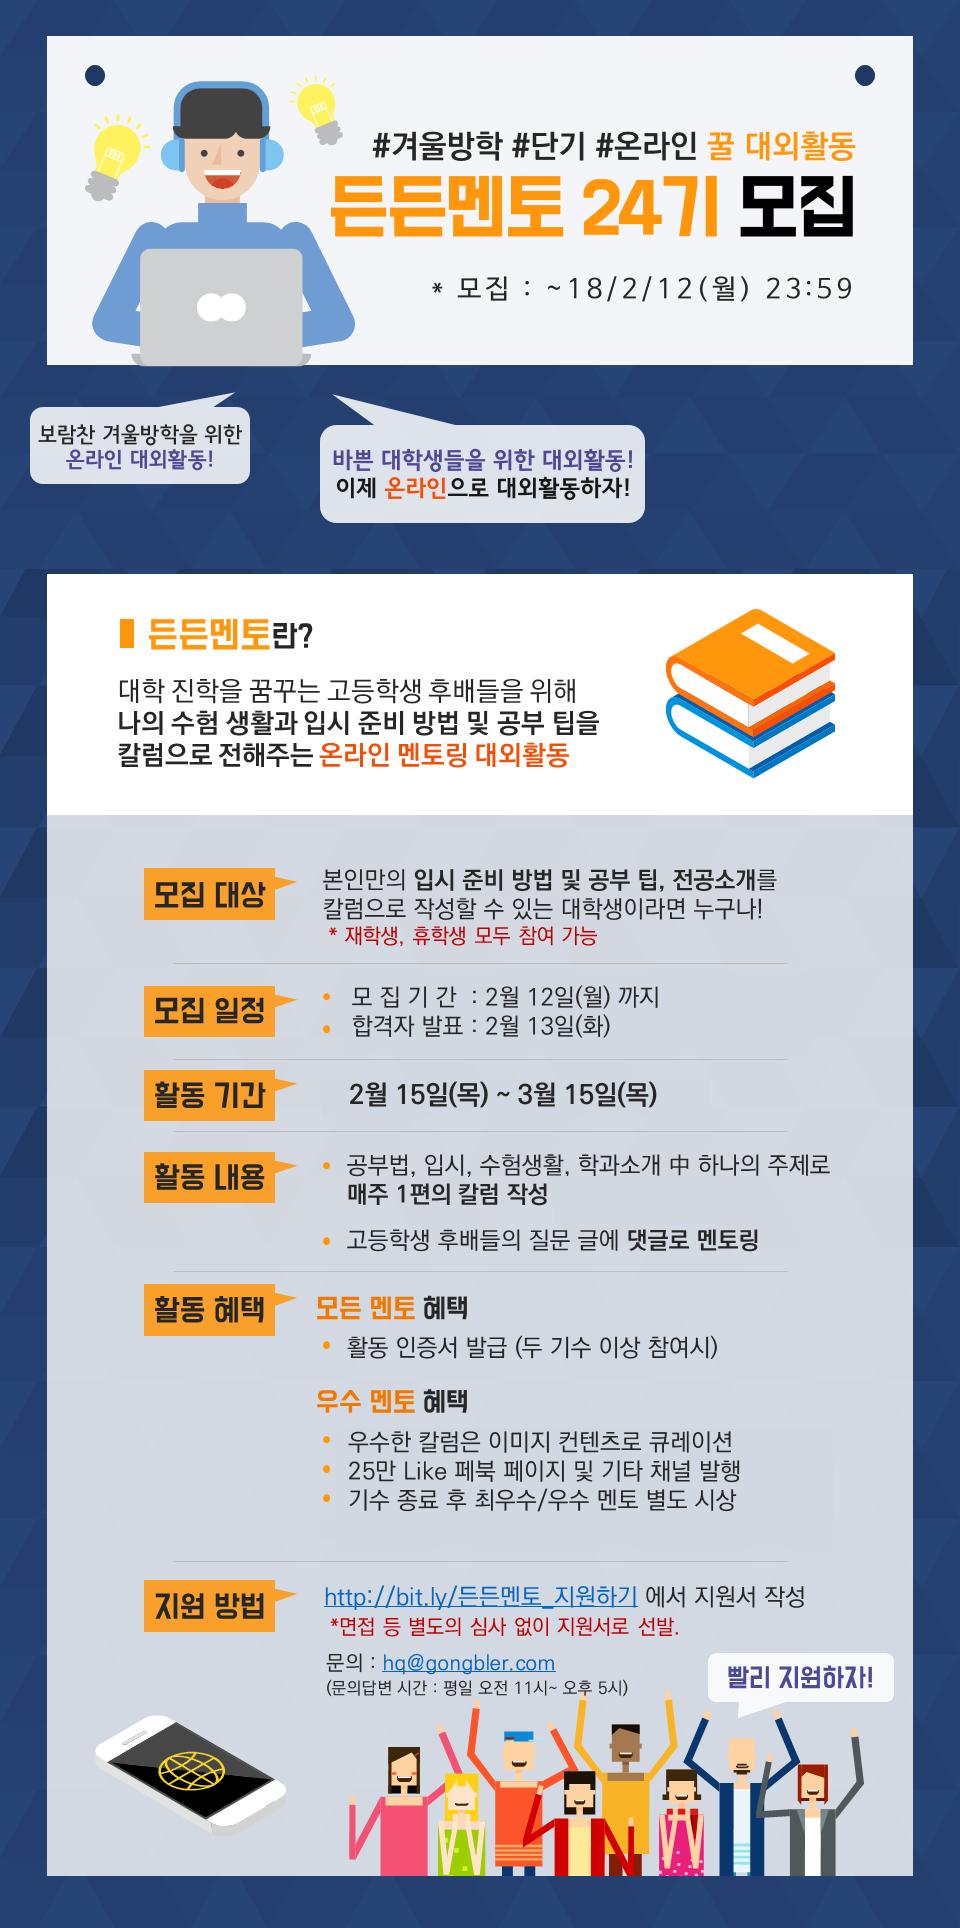 공블러 온라인 멘토링 대외활동 든든멘토 24기 모집